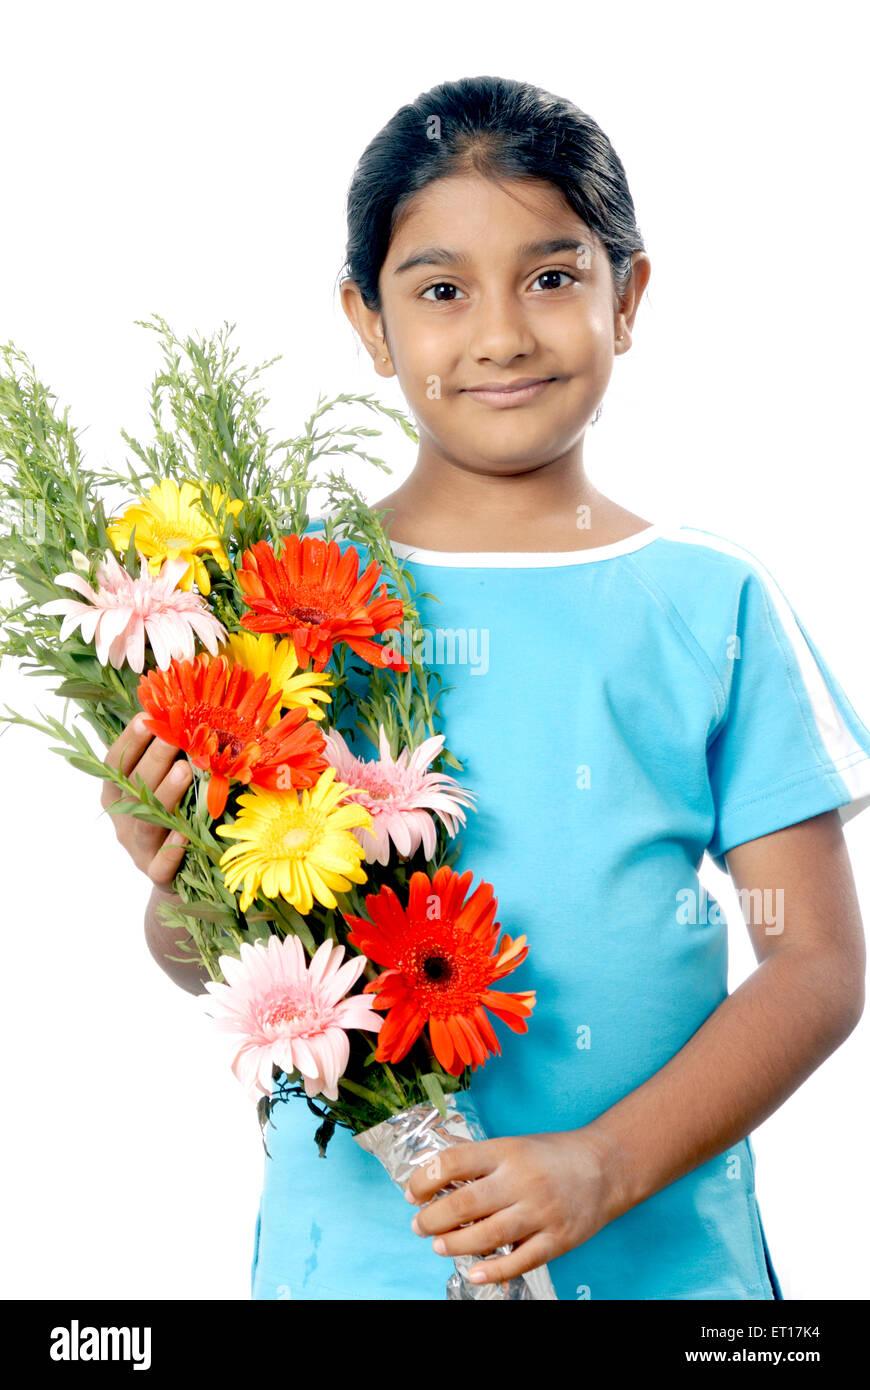 Ragazza con bouquet di fiori e di celebrare la occasione ; Mumbai Bombay ; Maharashtra ; India Signor#152 Immagini Stock